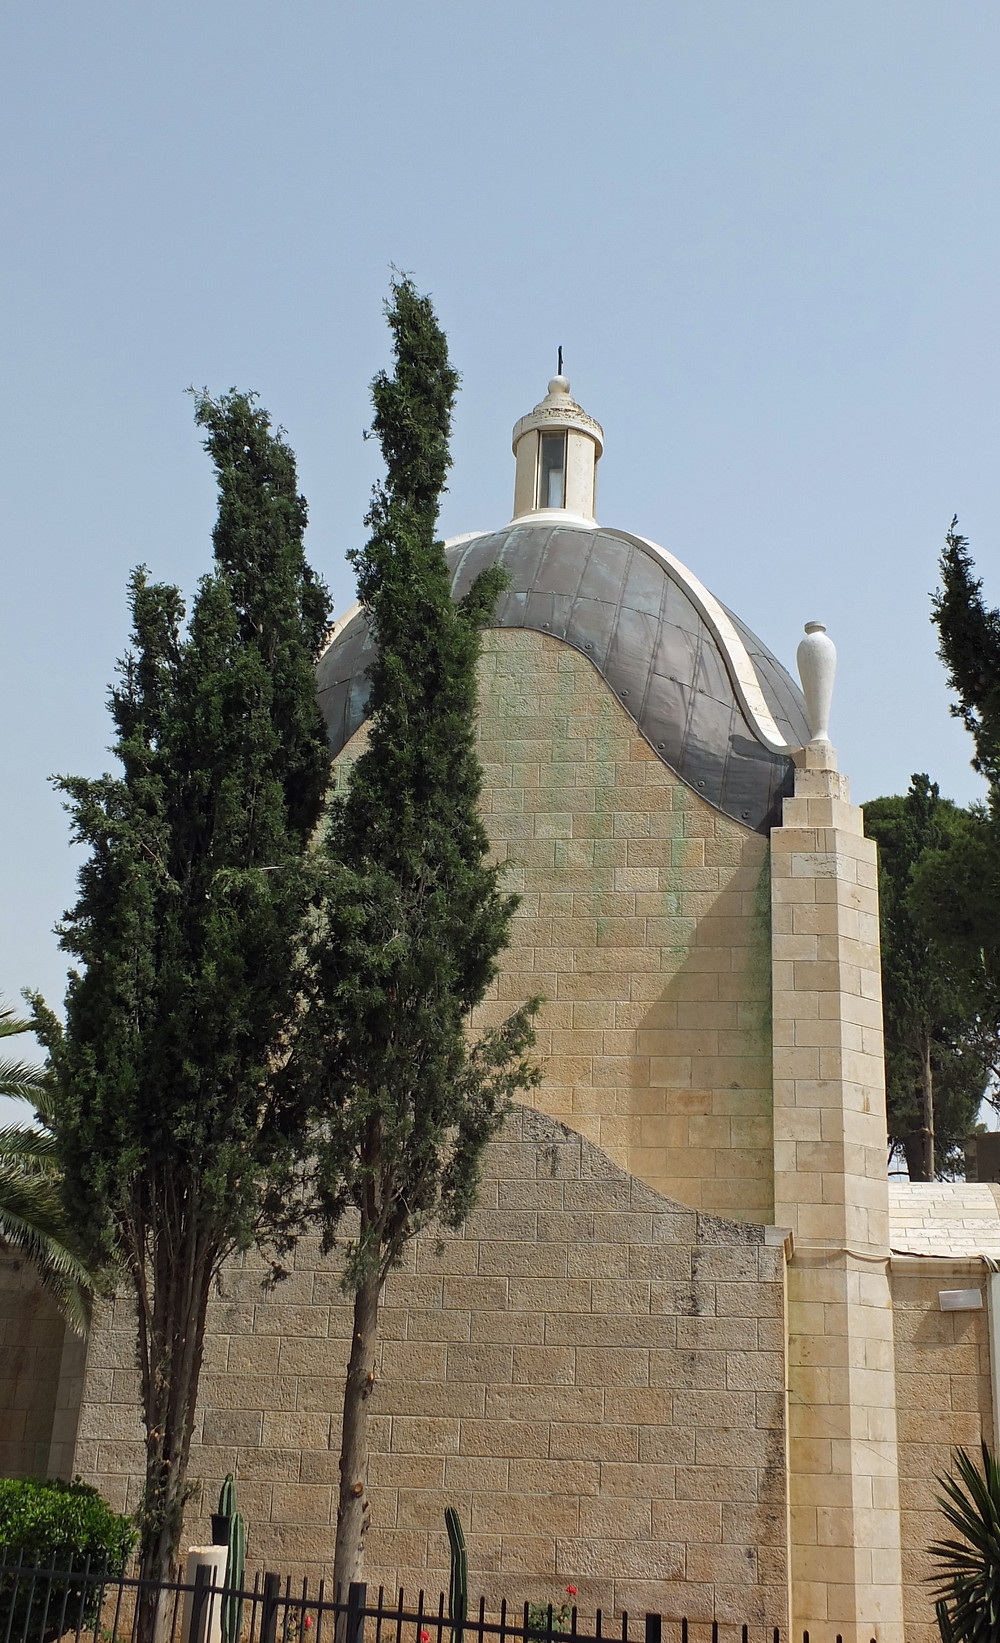 Tränenförmige Kuppel und Tränenvasen an der Dominus Flevit Kirche am Ölberg in Jerusalem